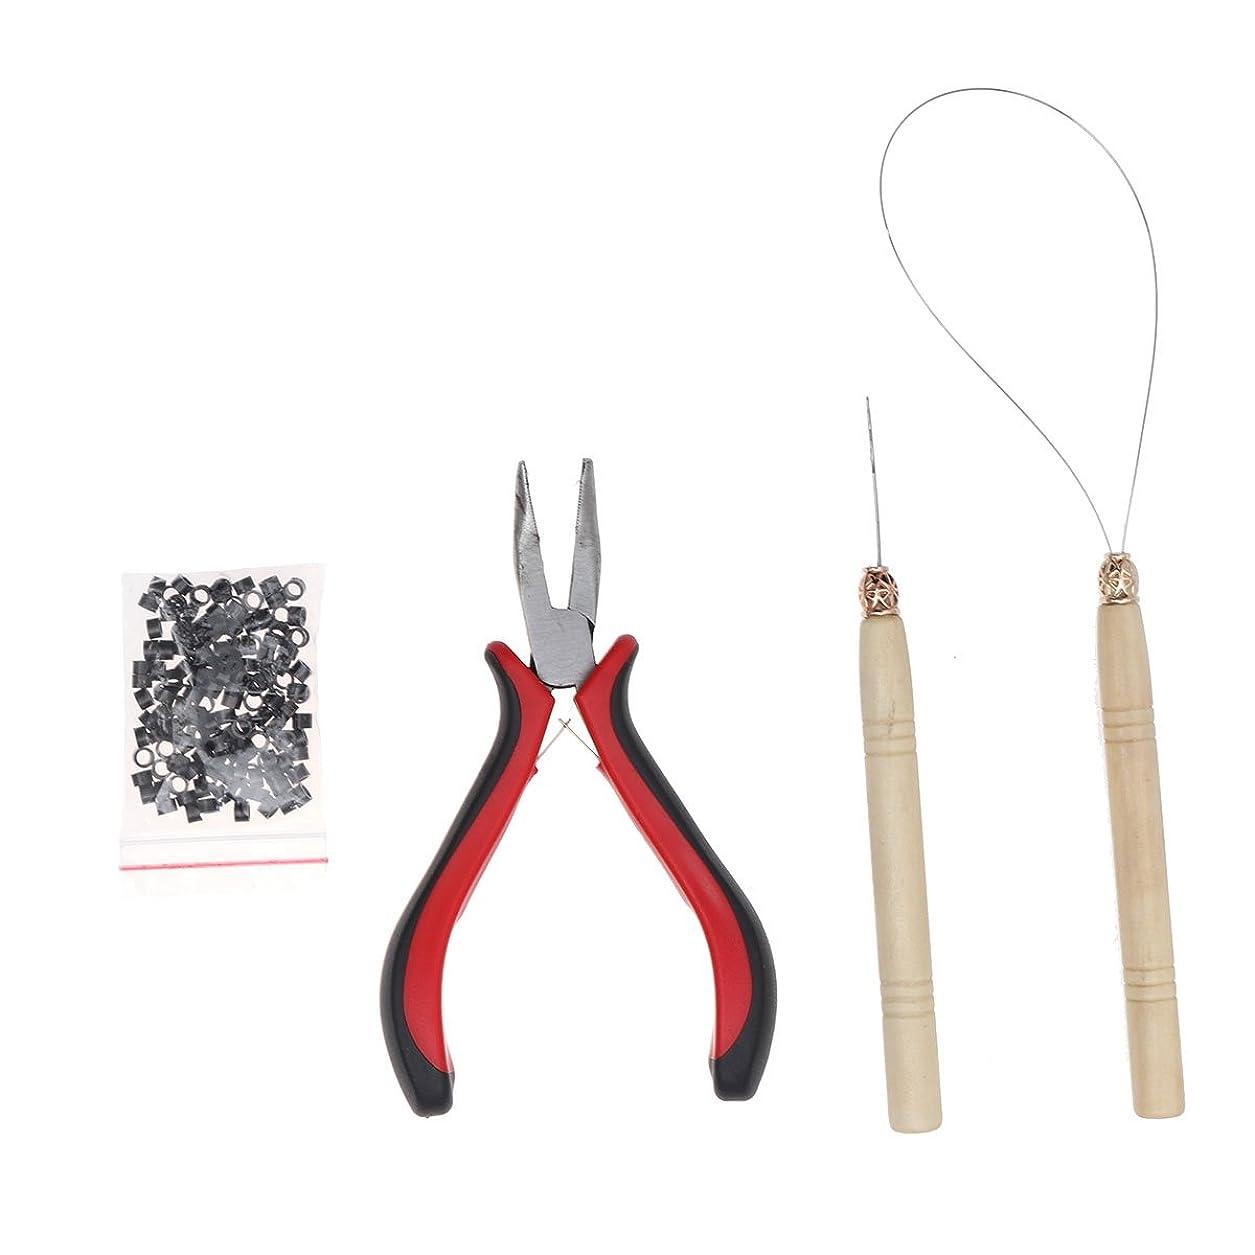 受け入れ単調な彫るSUPVOX 4本ヘアエクステンションツールキットマイクロリンクリングベンディングプライヤーマイクロプルニードルループスレッド